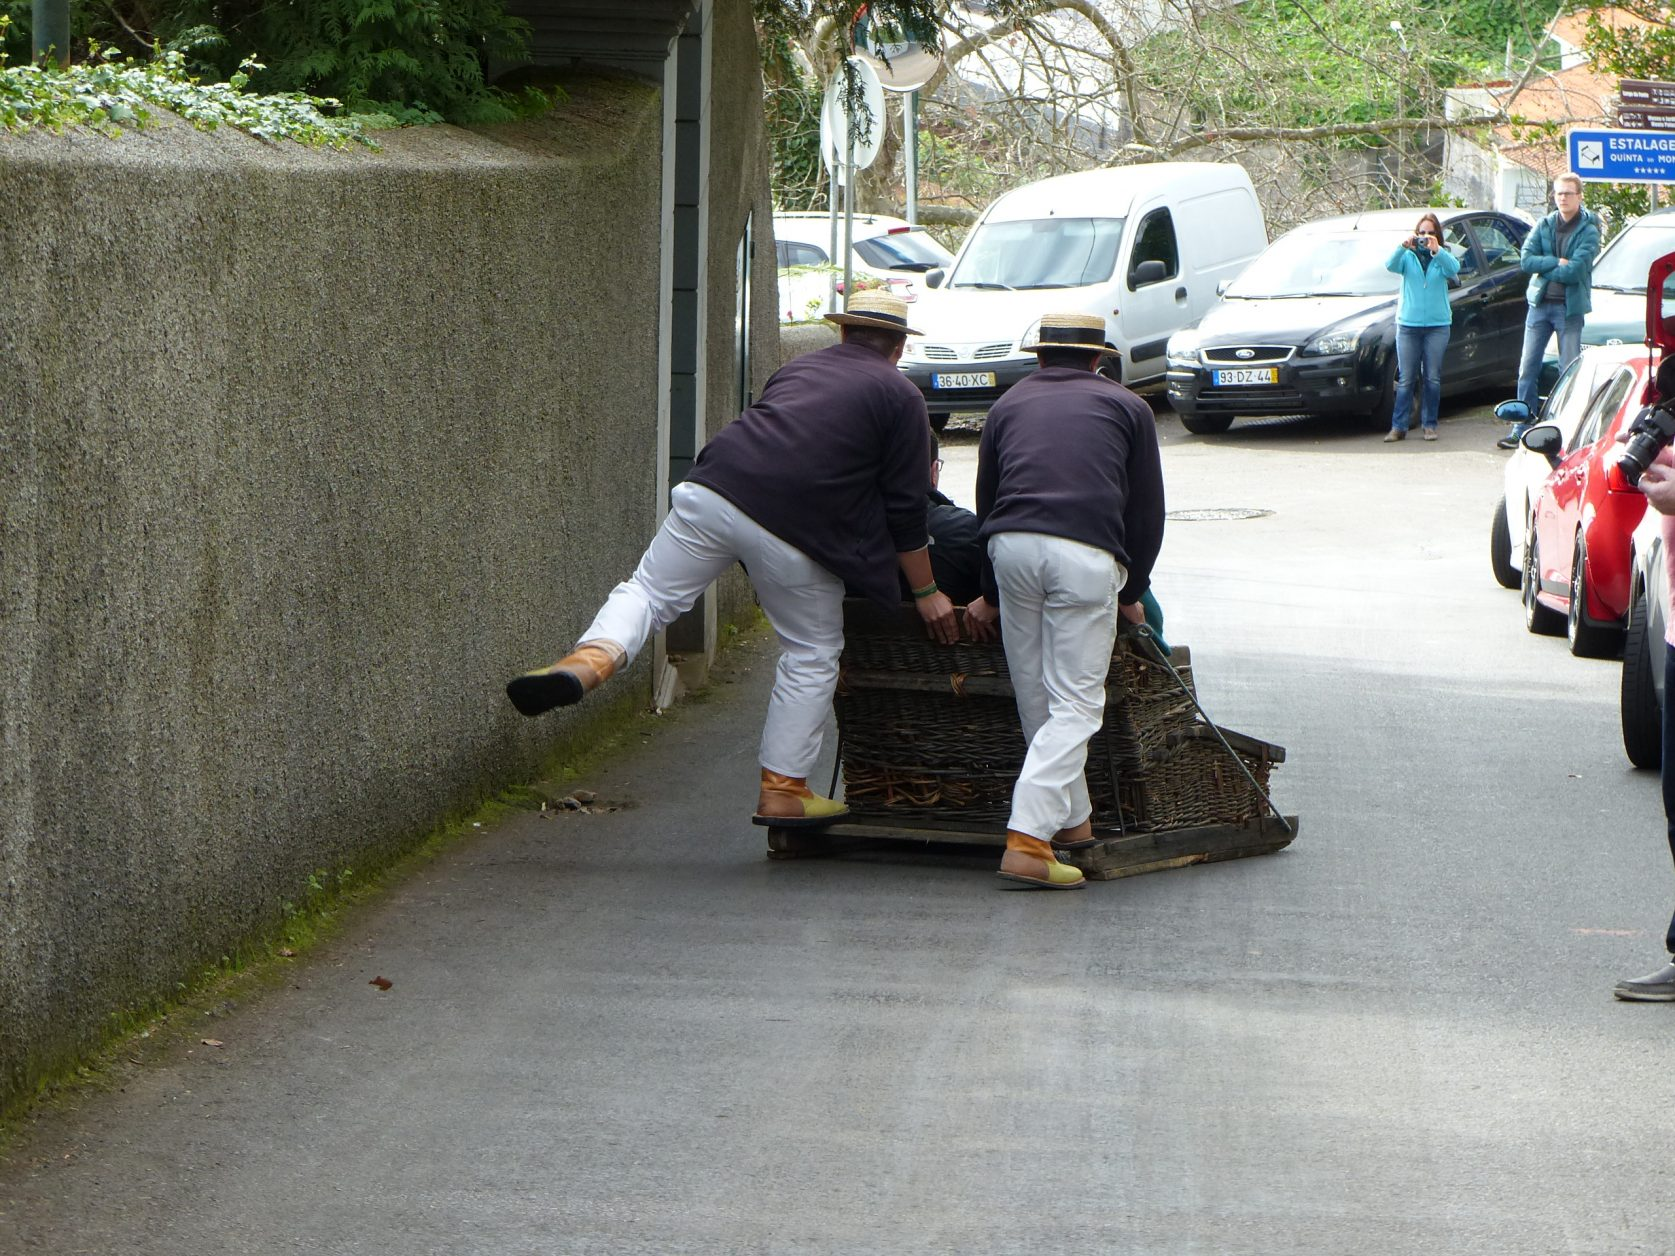 Wenn nötig, springen die Fuhrmänner mit einem Fuß hinten auf. Foto: D. Weirauch